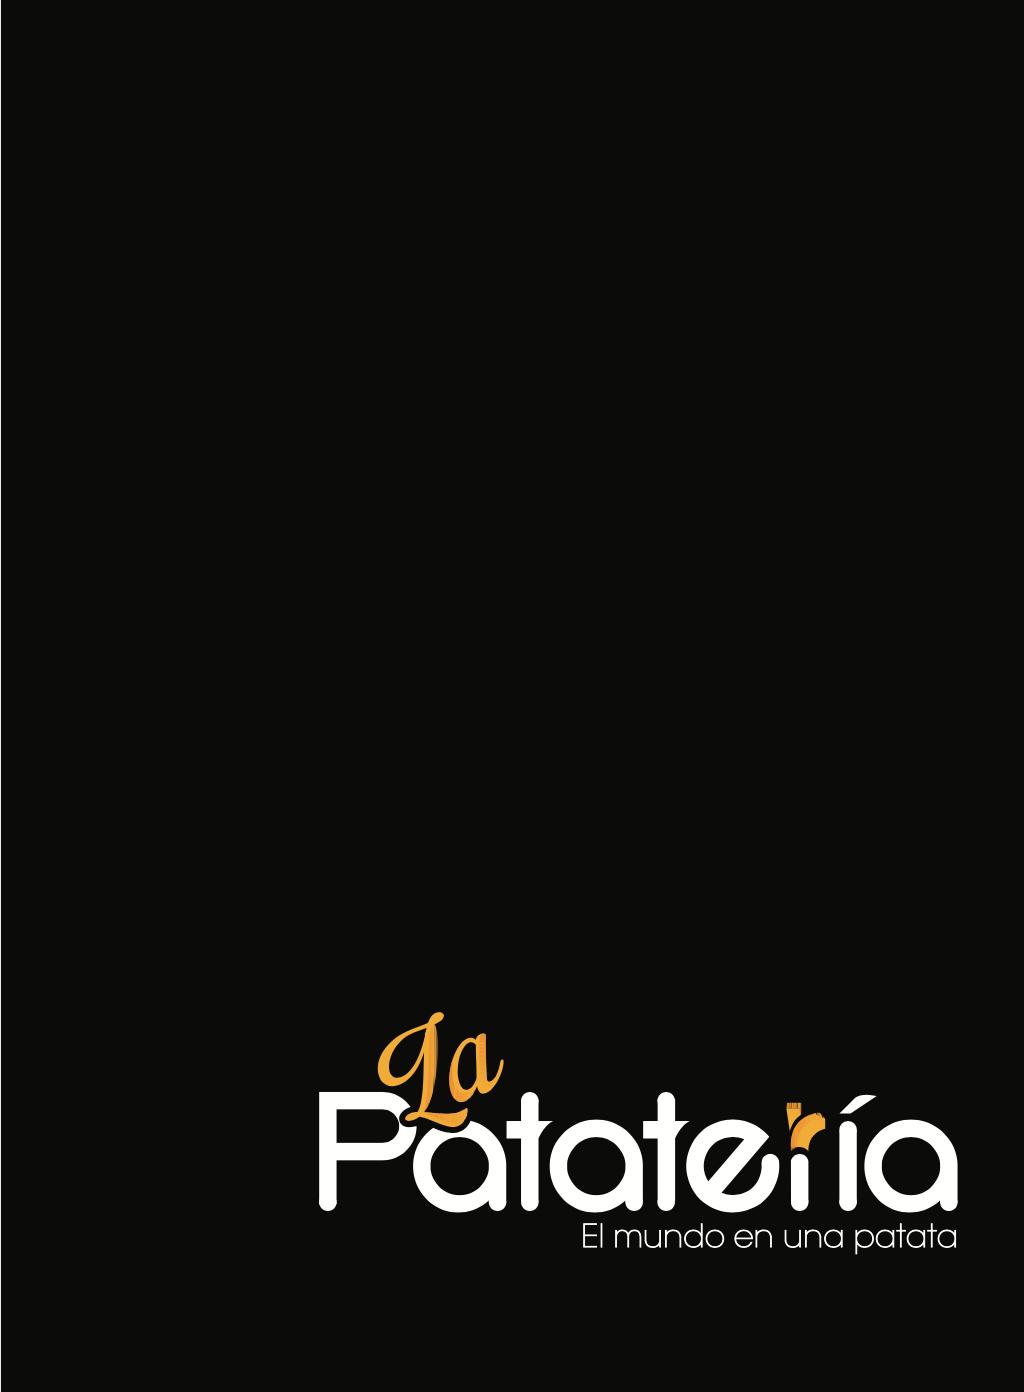 Captura de Pantalla 2021-07-29 a la(s) 6.10.17 p.m.